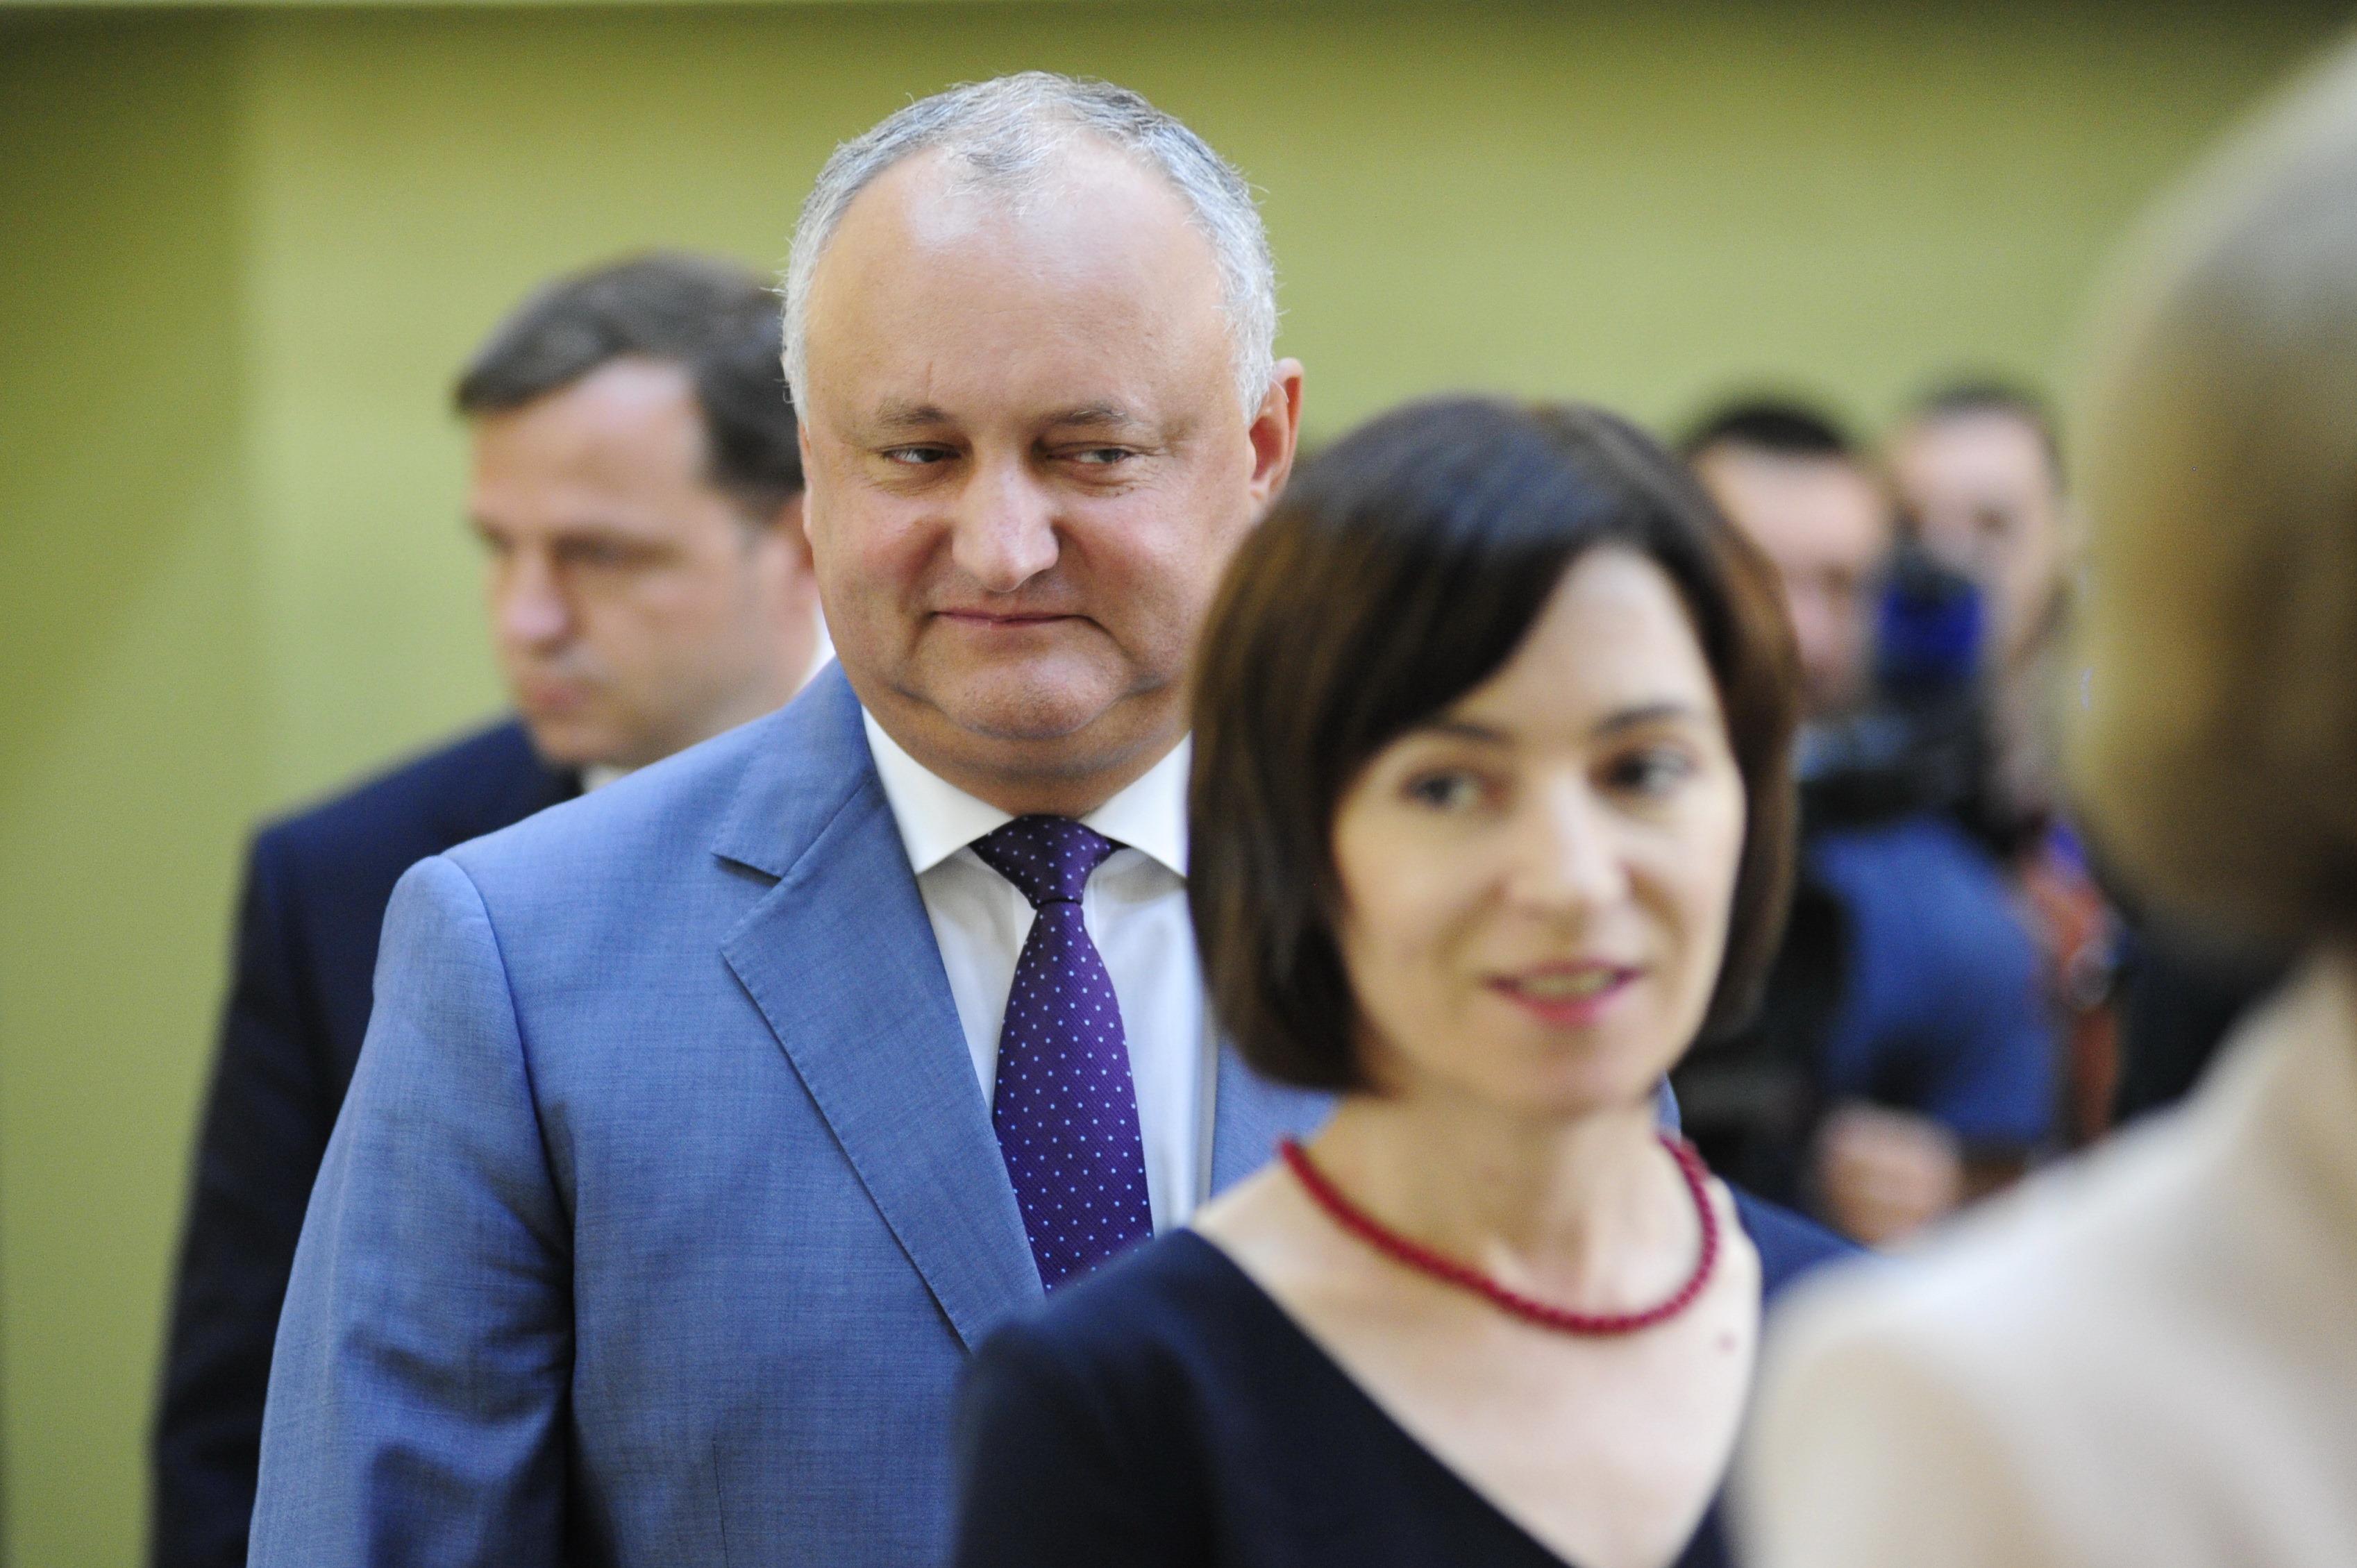 Депутат от партии «Действие и солидарность» (PAS) Дойна Герман пожаловалась на президента Игоря Додона в Совет по предупреждению дискриминации и обеспечению равенства.